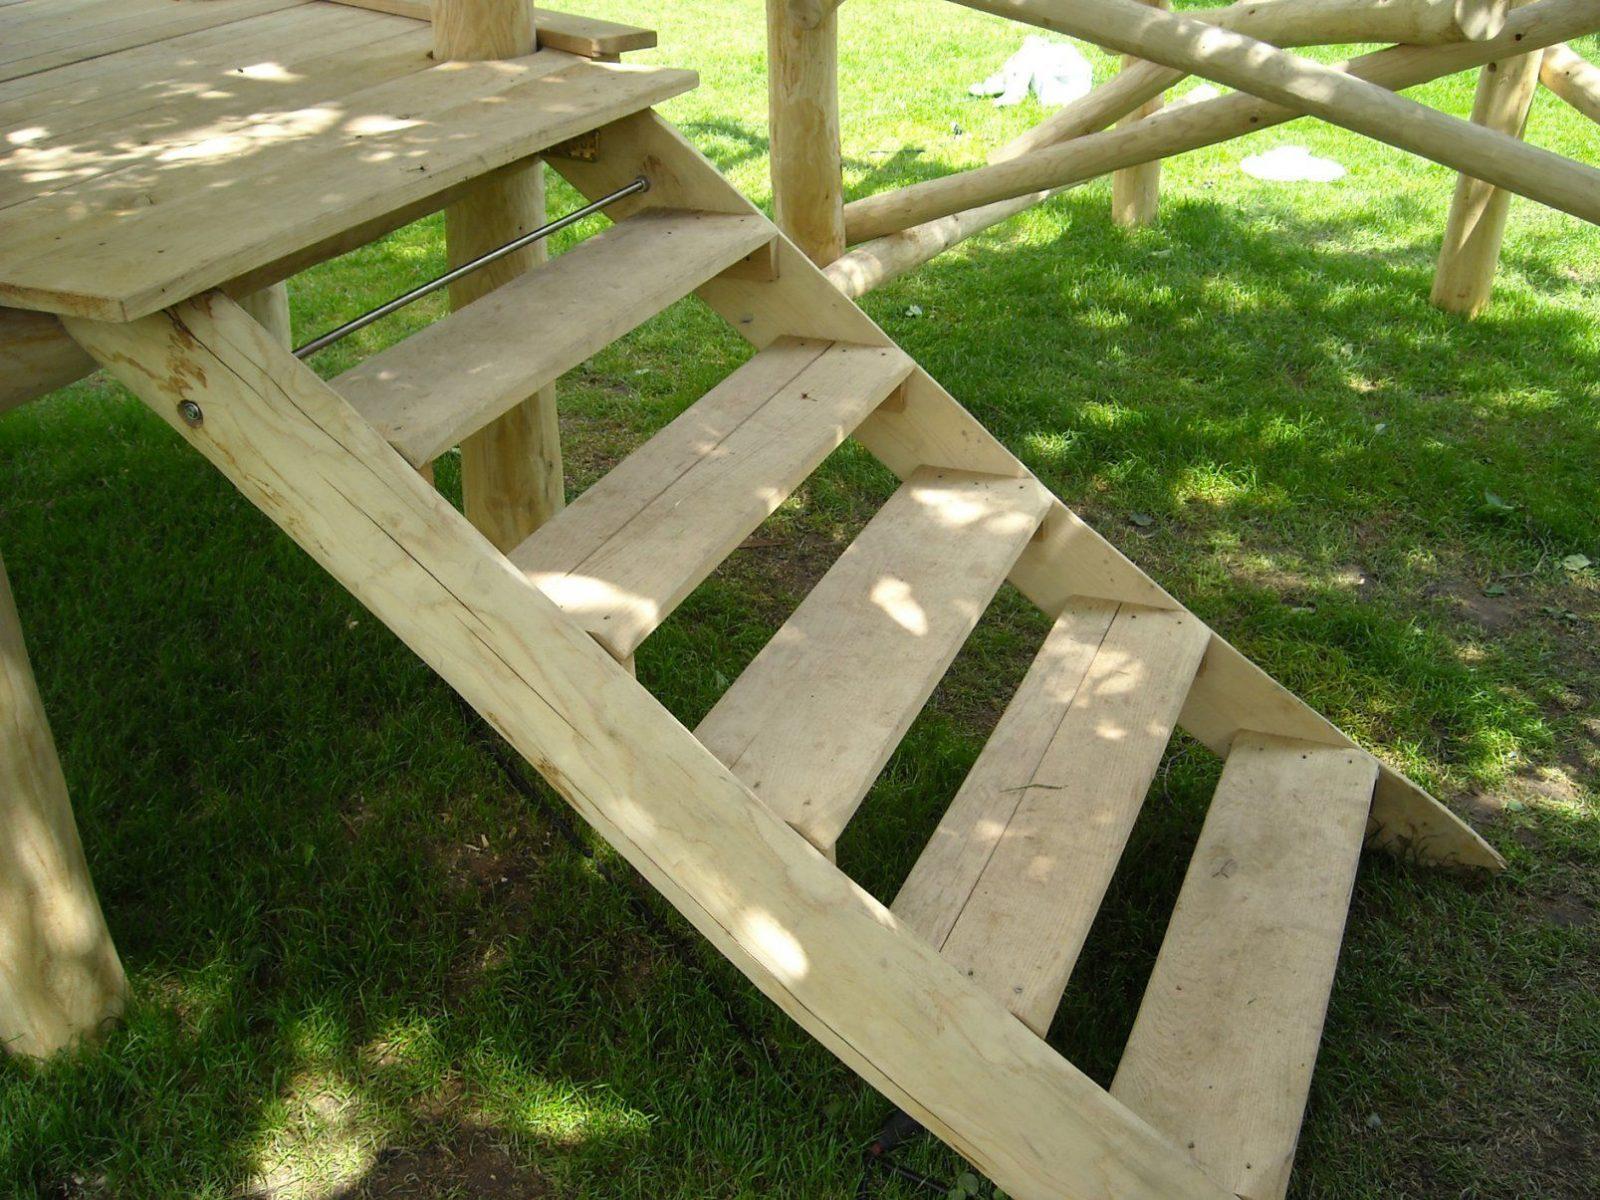 Treppe Aus Holz Bauen Io47 – Hitoiro von Holztreppe Außen Selber Bauen Photo